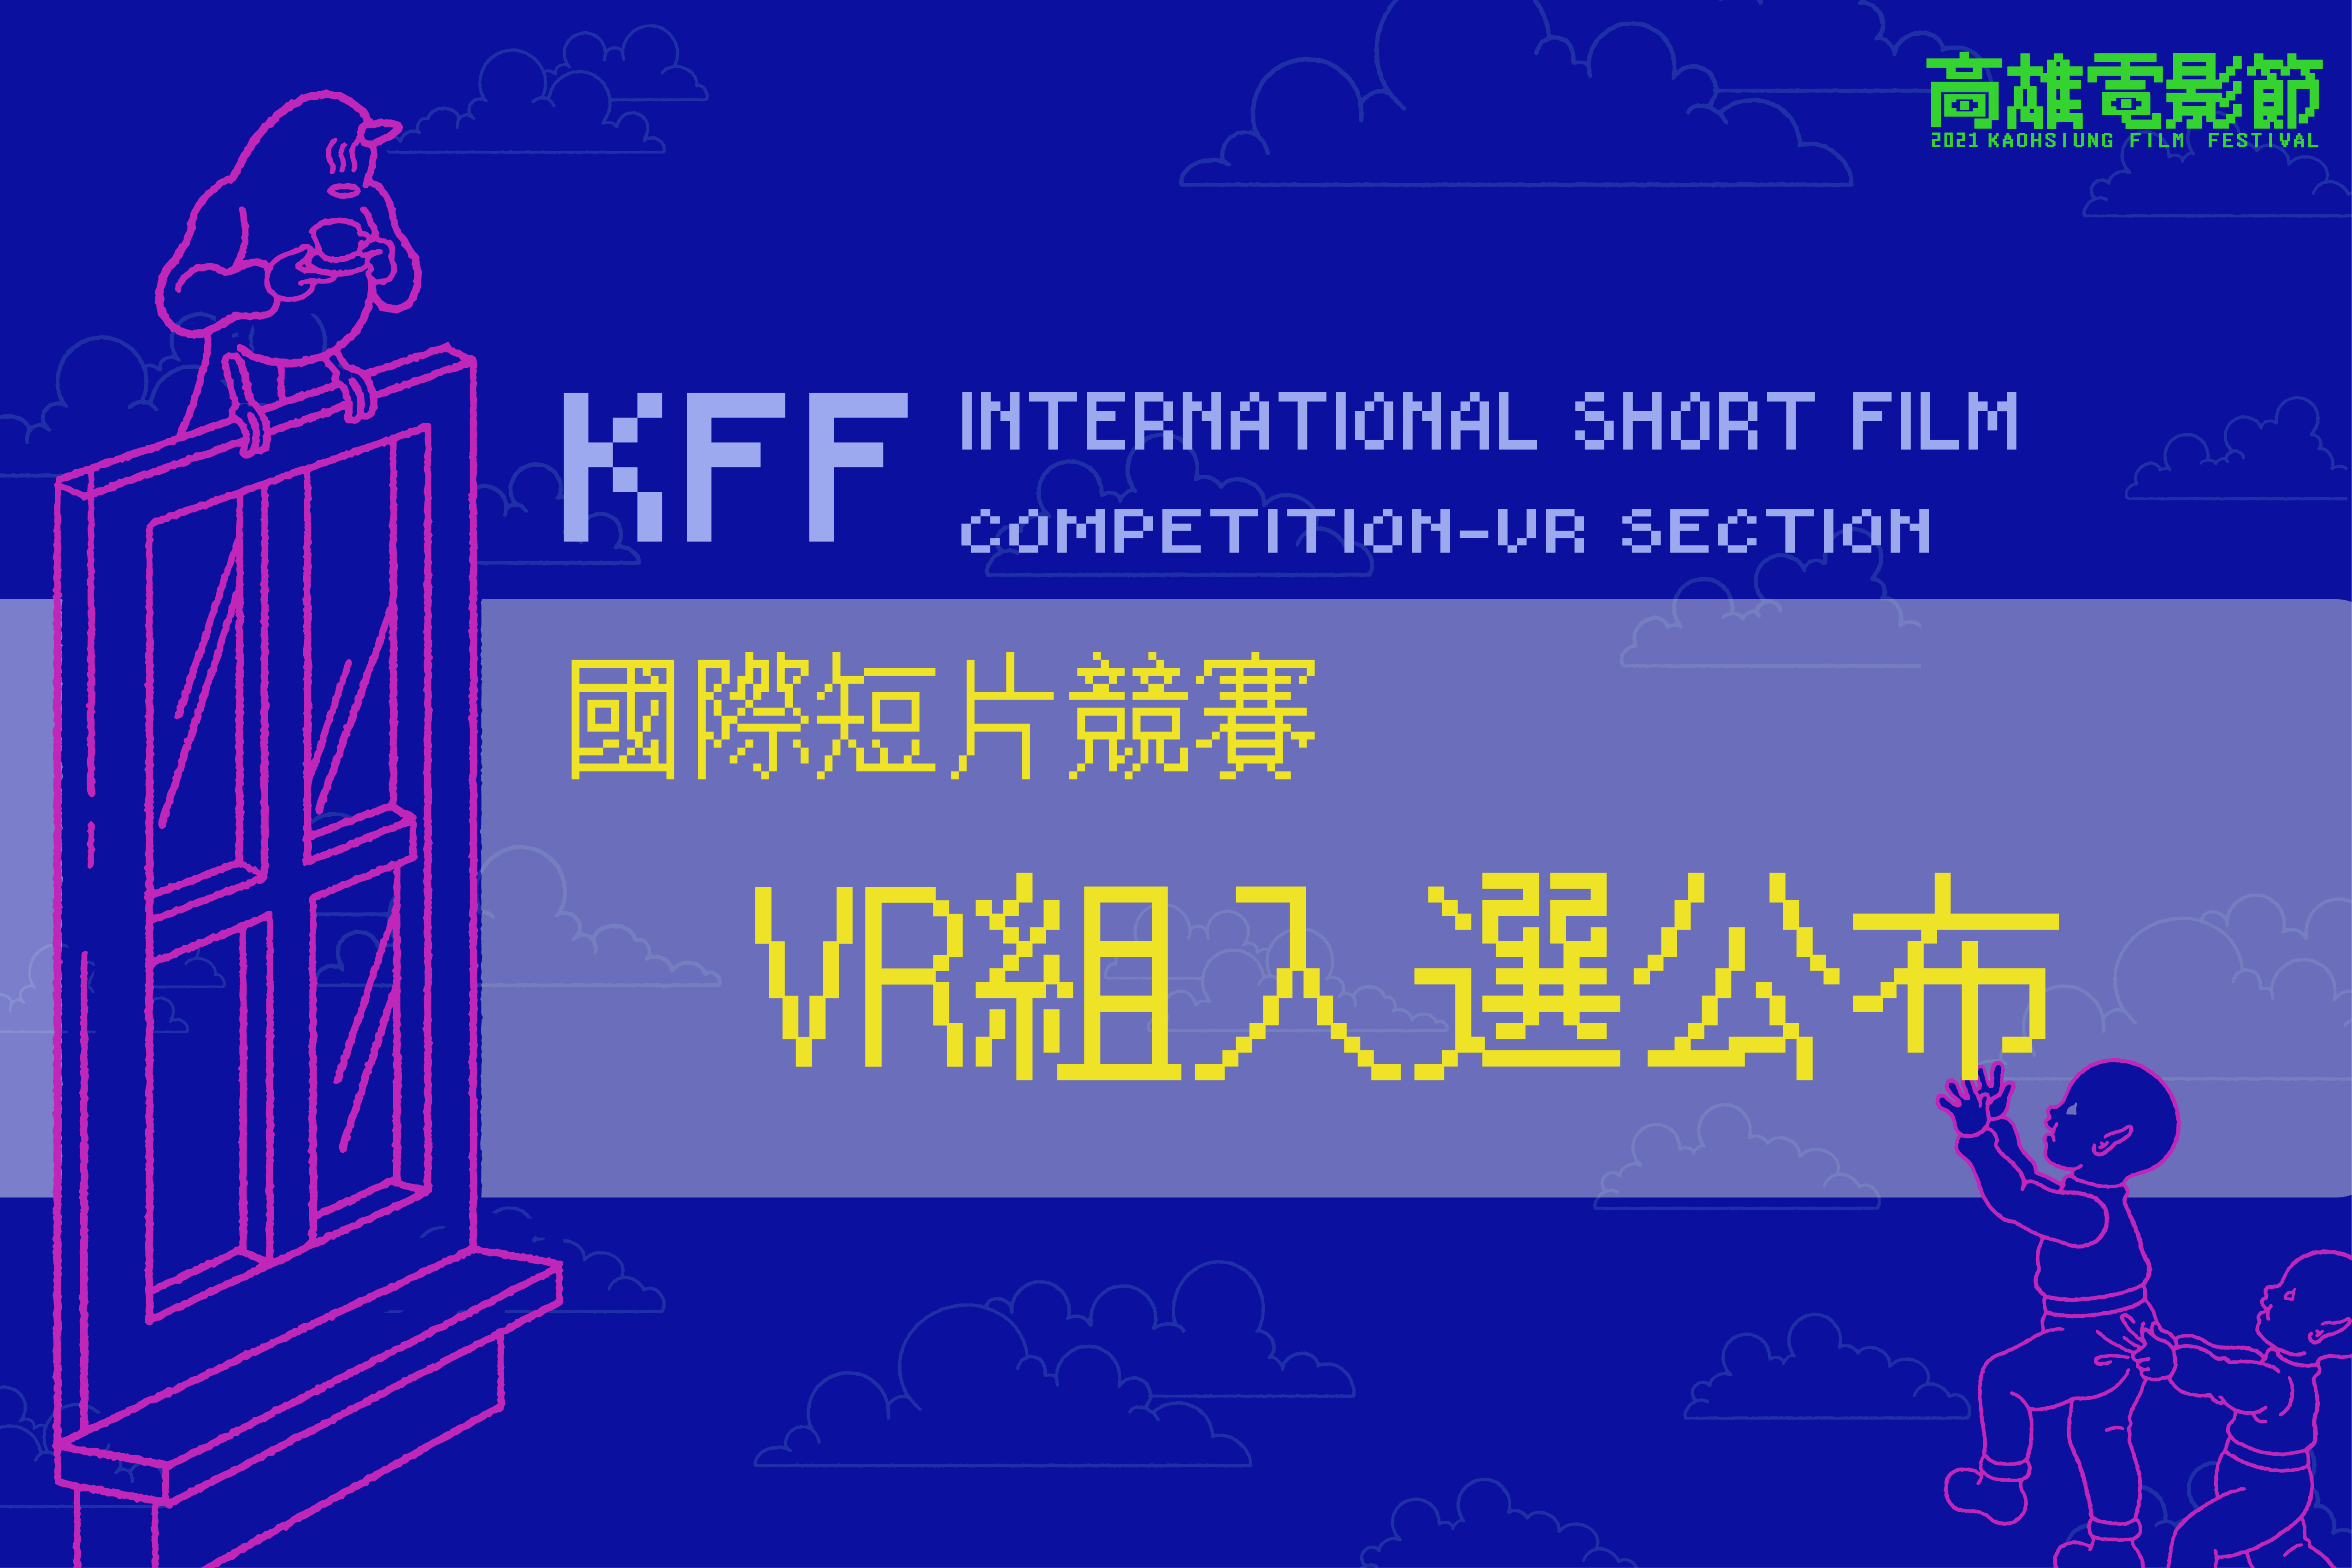 高雄電影節公布 VR 競賽入圍名單,21 部作品角逐四項大獎